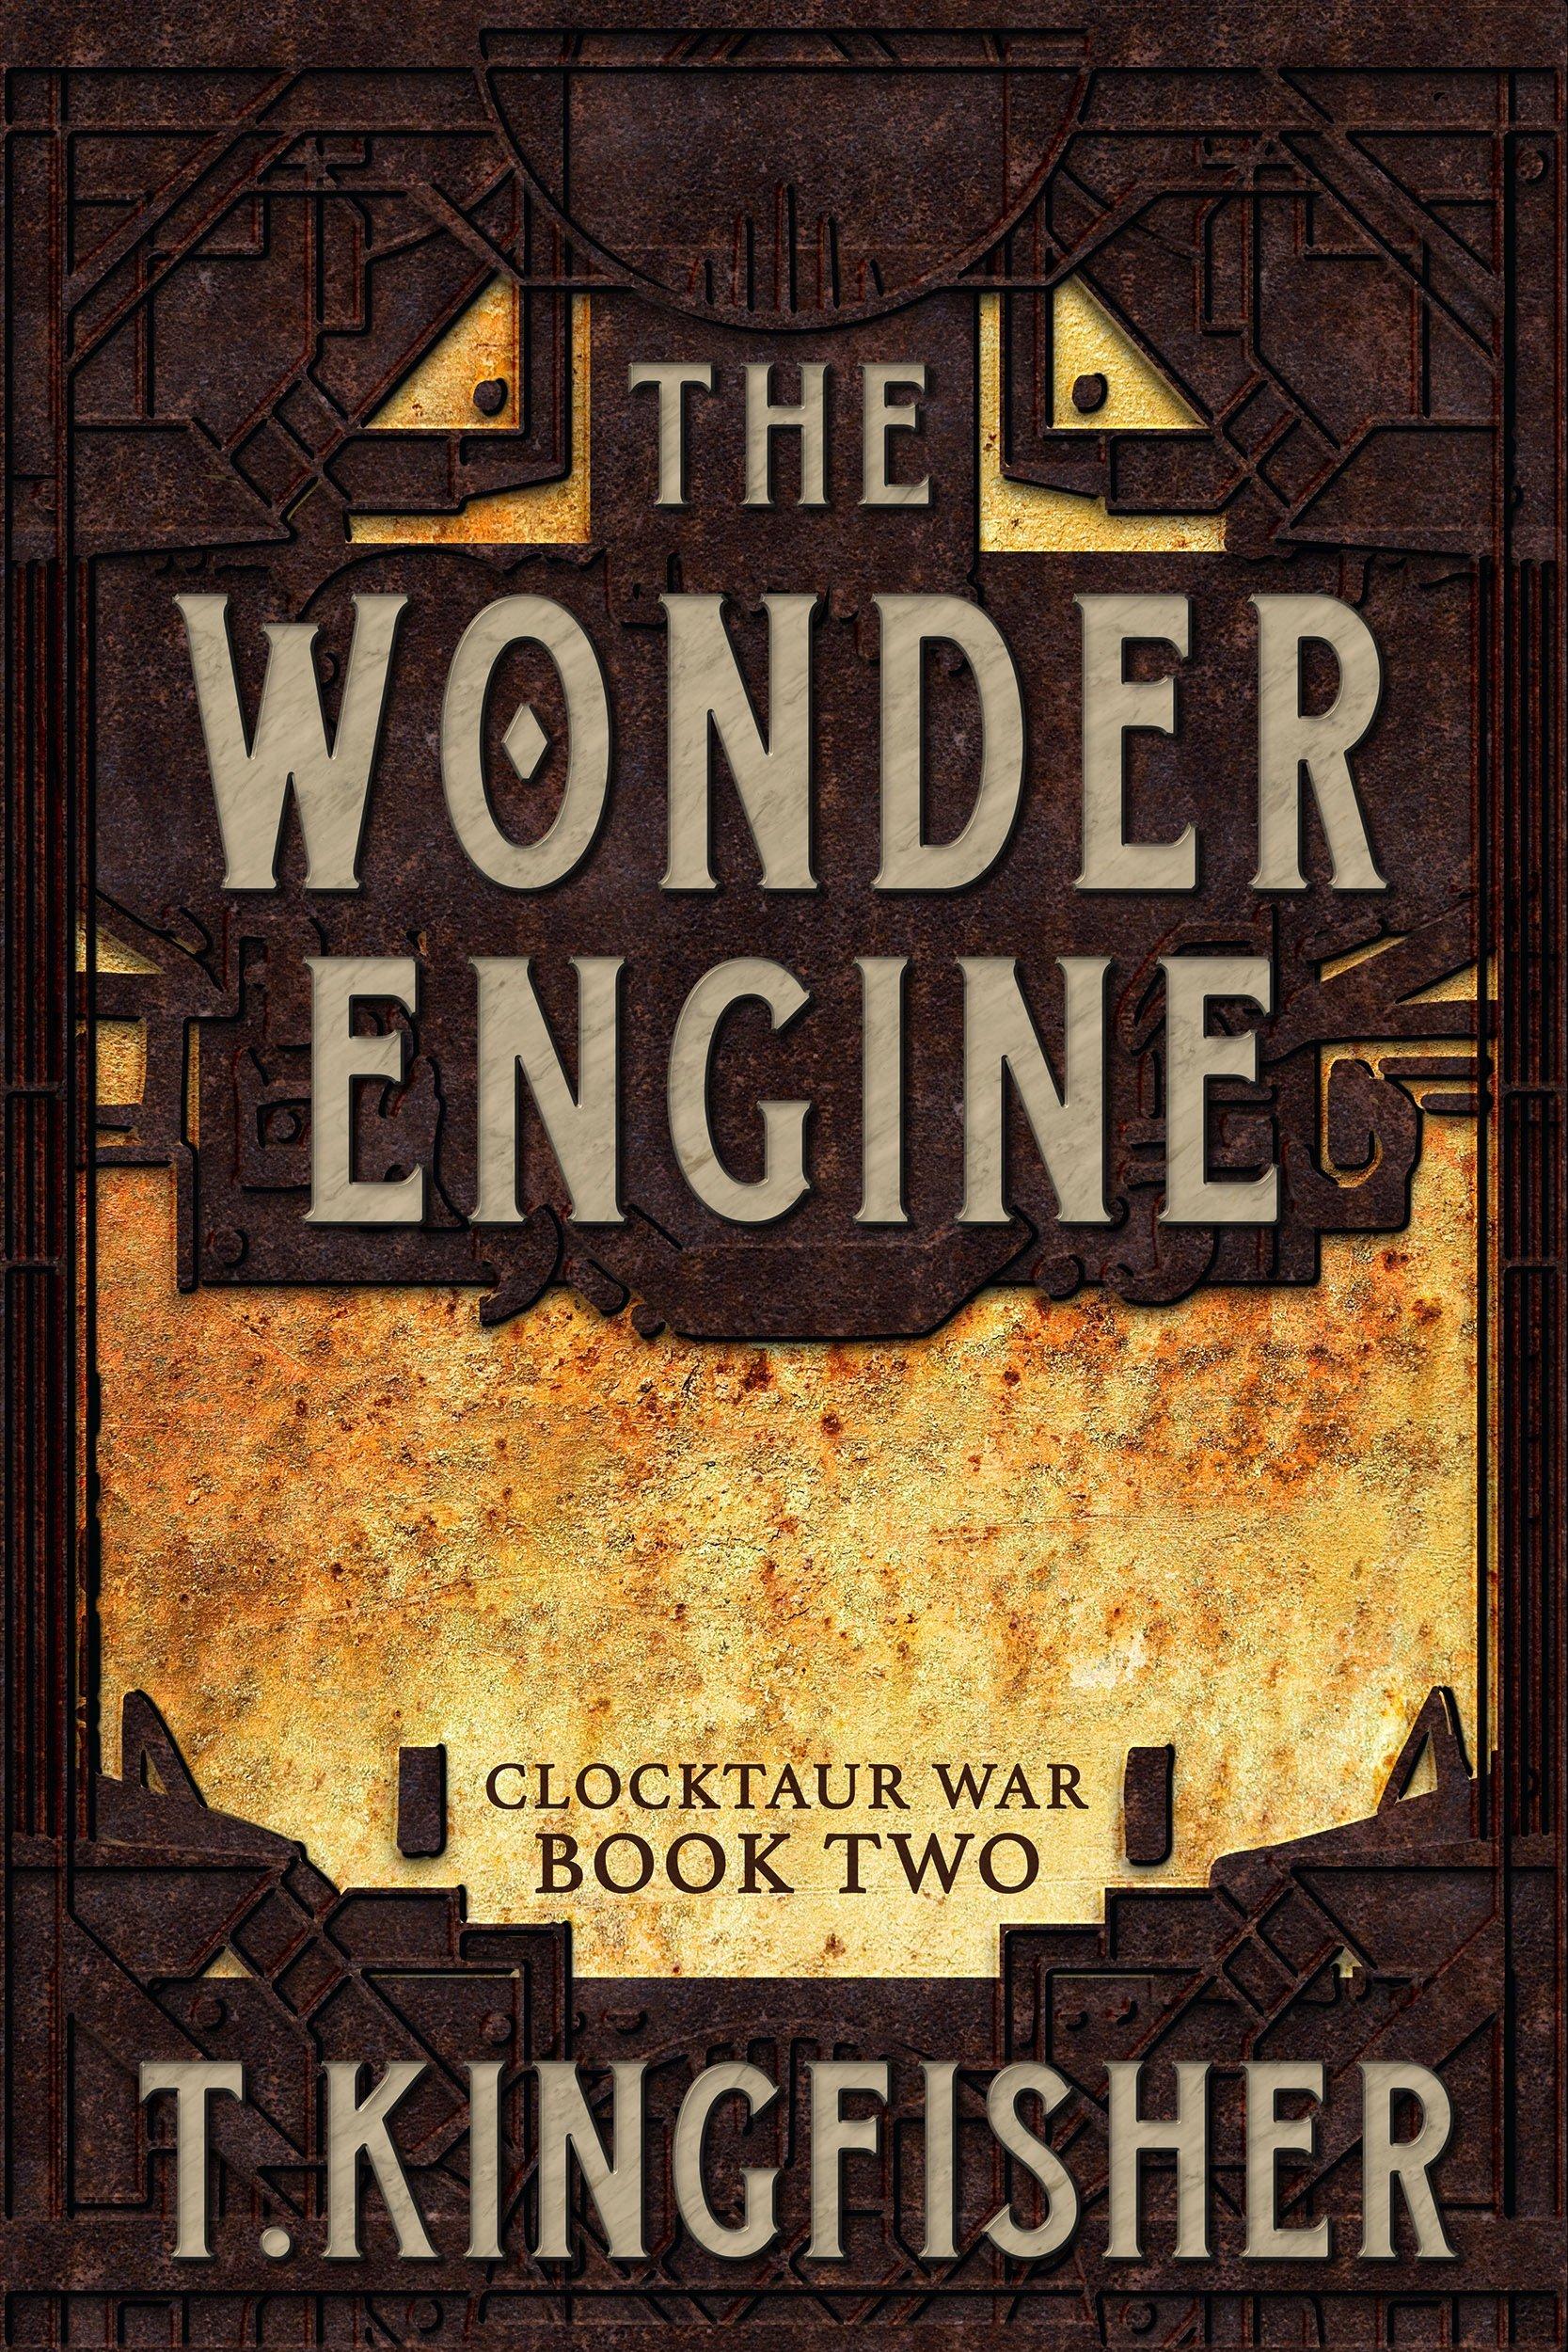 The Wonder Engine: Clocktaur War Book 2